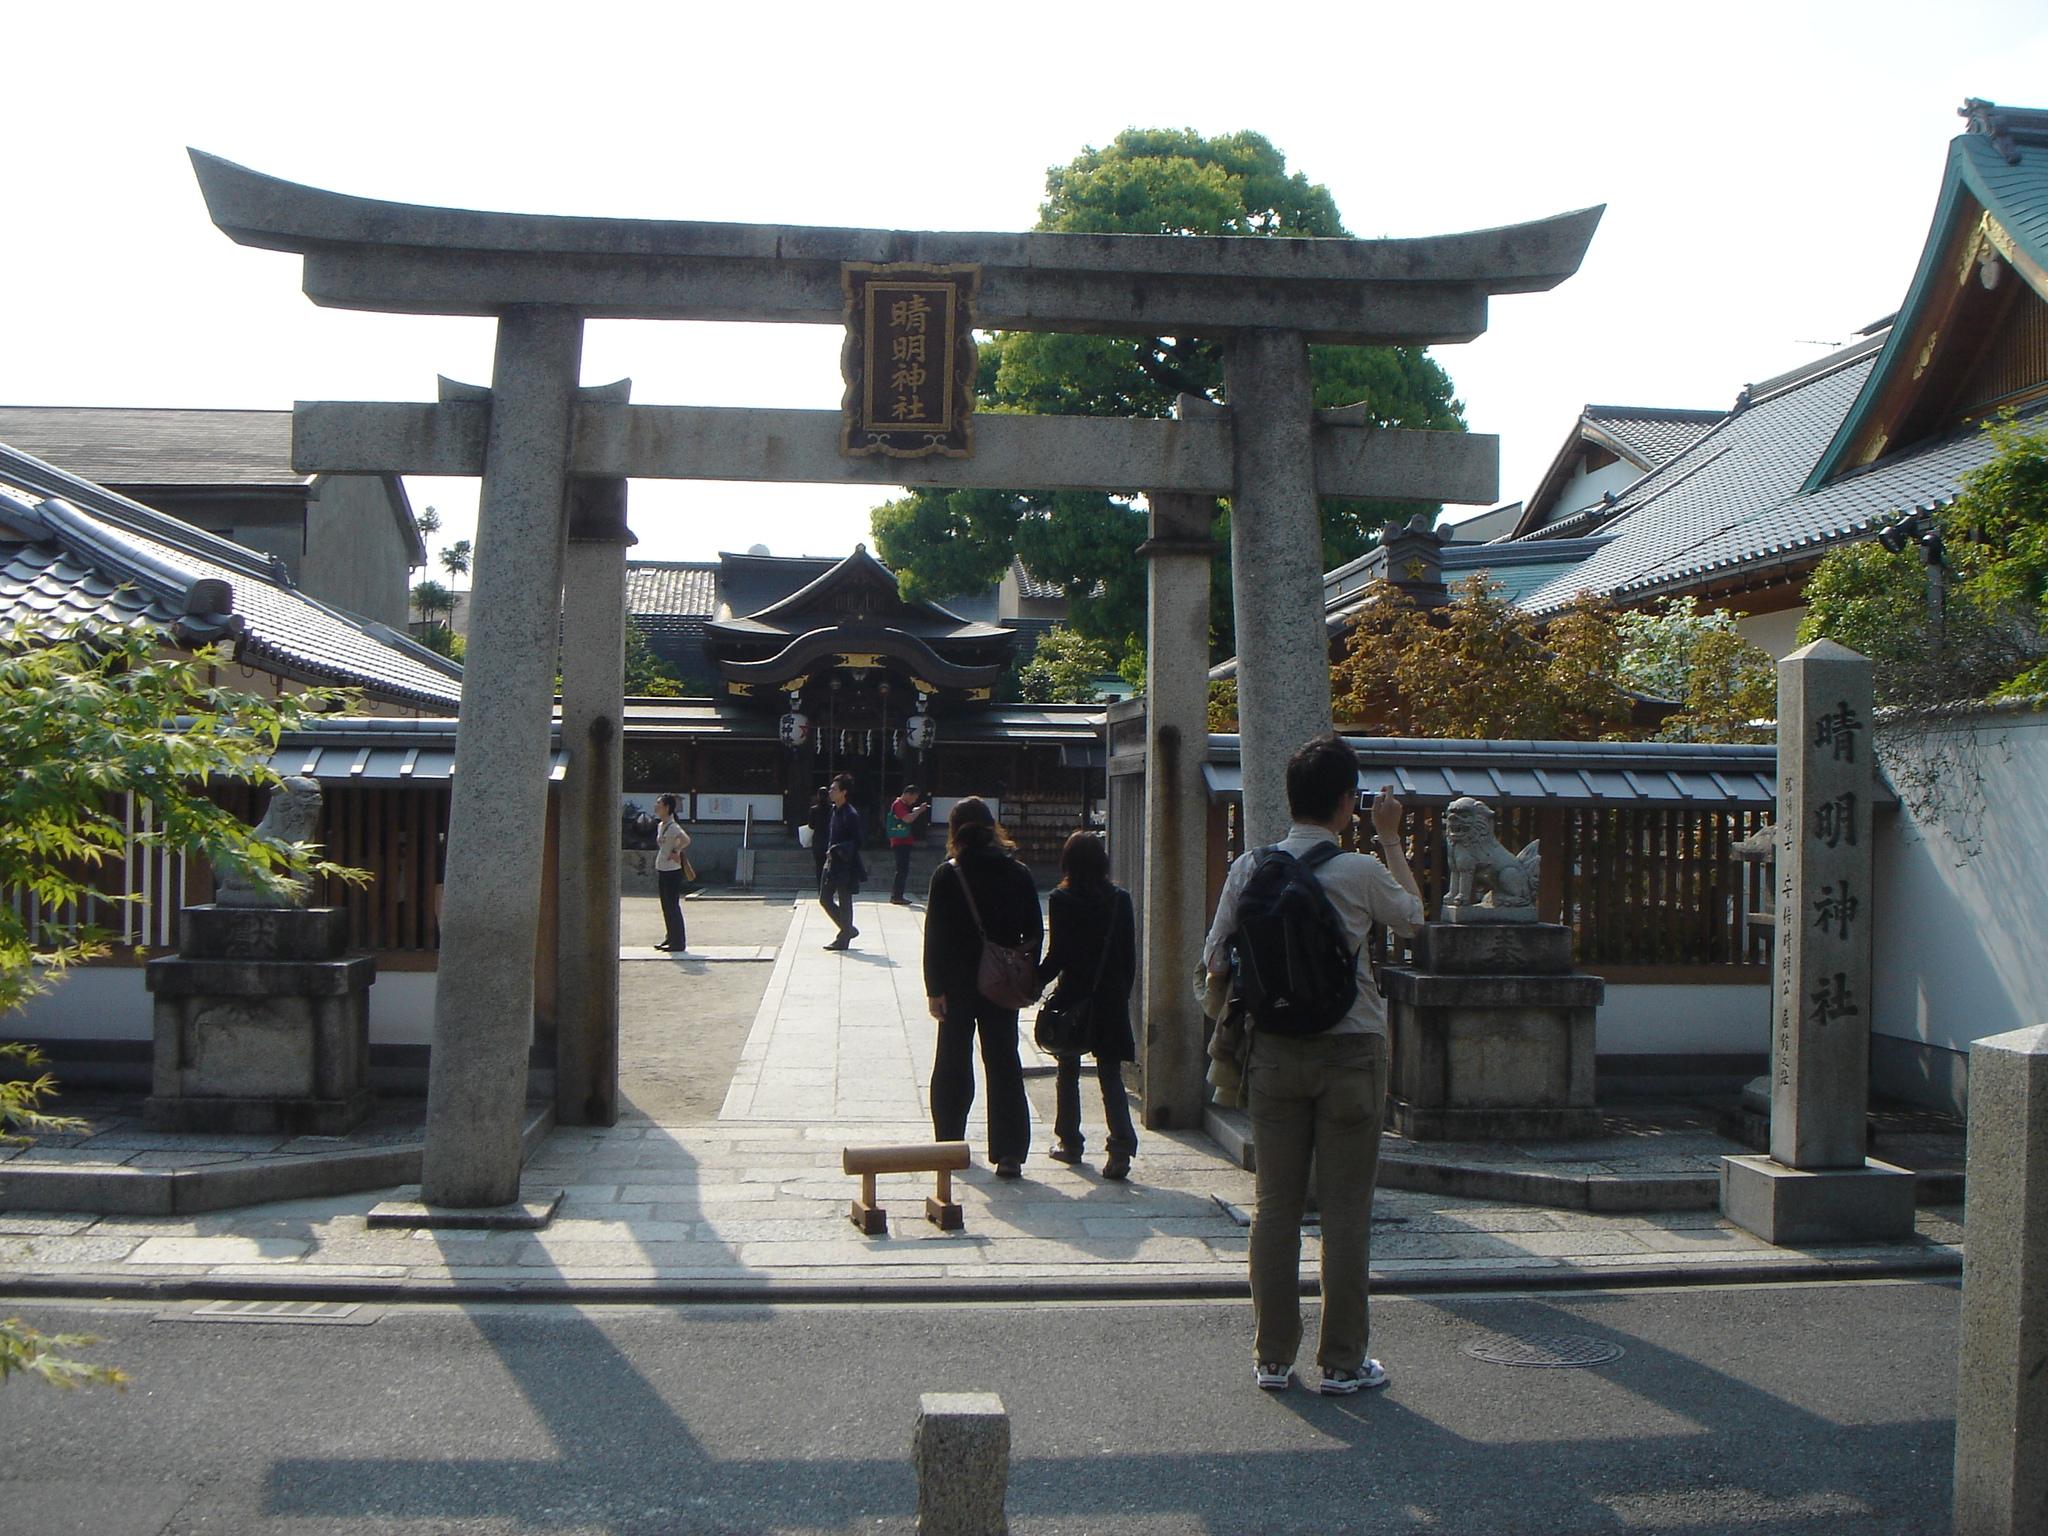 京都夏日風物詩|八天七夜自由行之五:晴明神社